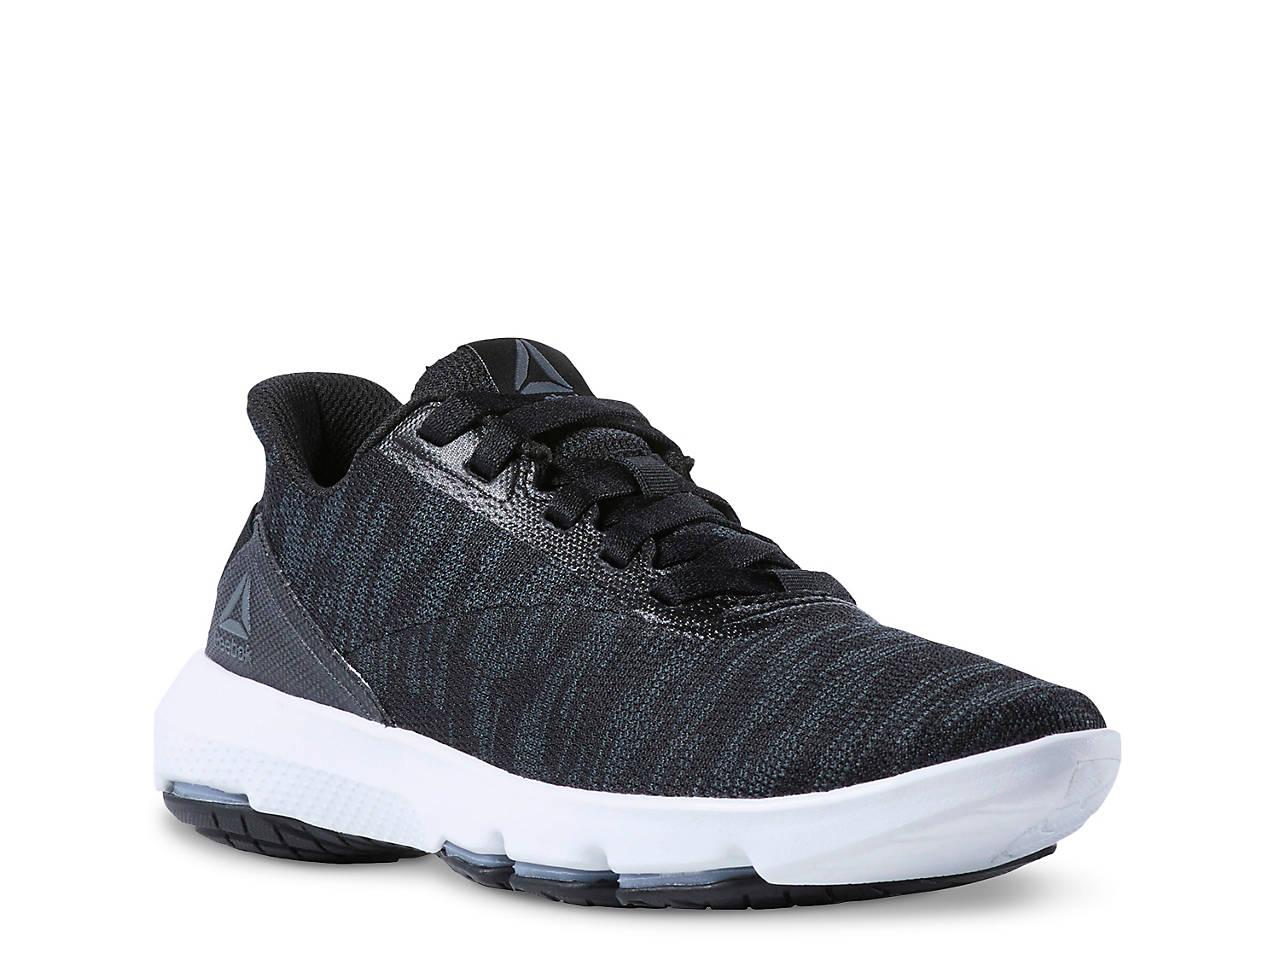 fba5ae89 Reebok Cloudride DMX 4.0 Running Shoe - Women's Women's Shoes   DSW